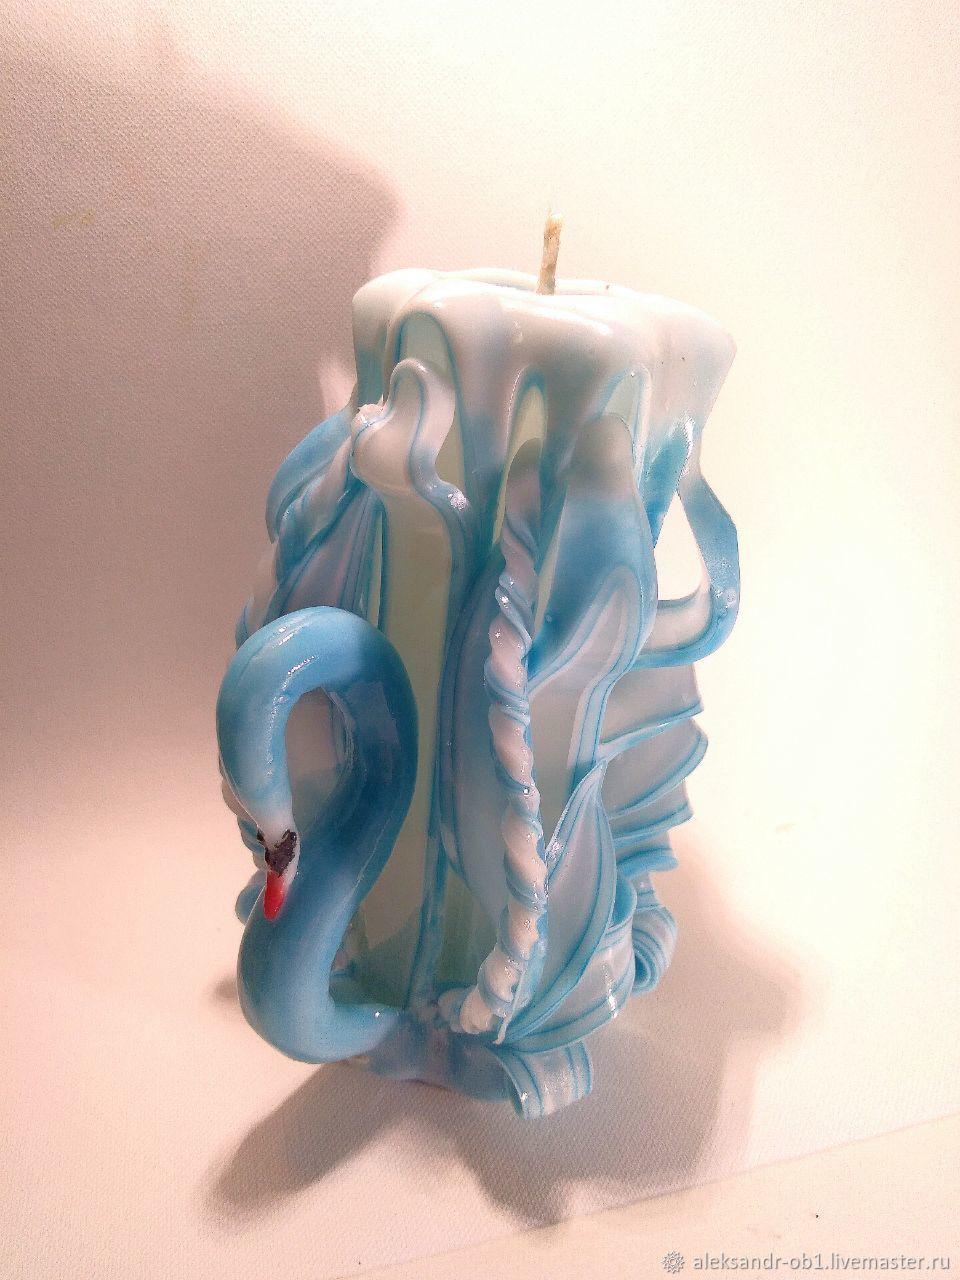 свечи лебеди картинка украсят дверцы мебельных